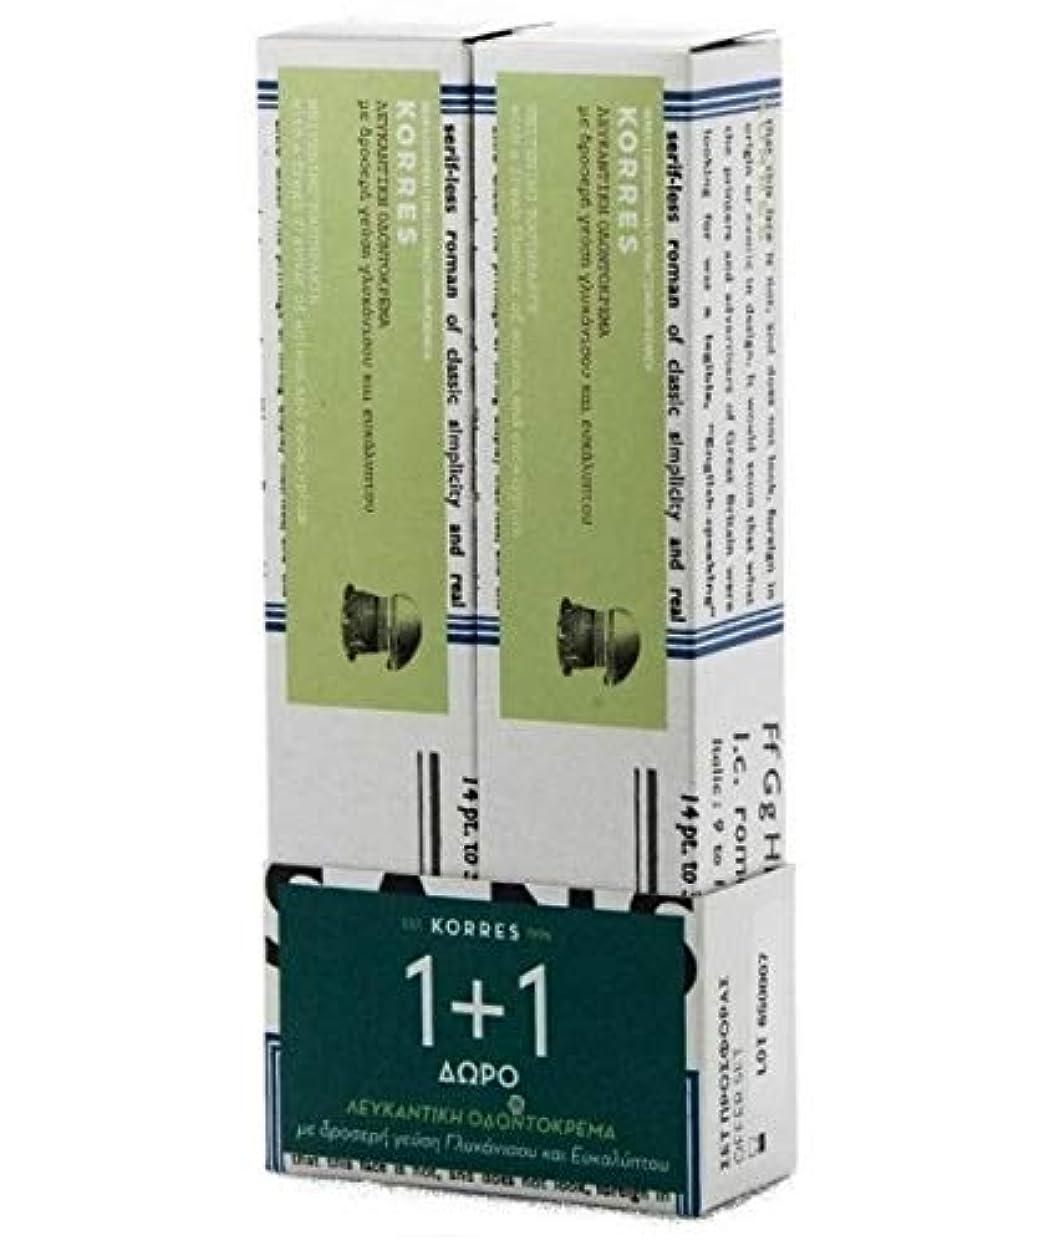 タックルスツール細部Korres ホワイトニング歯磨き粉 アニスムとユーカリの風味 1+1 提供